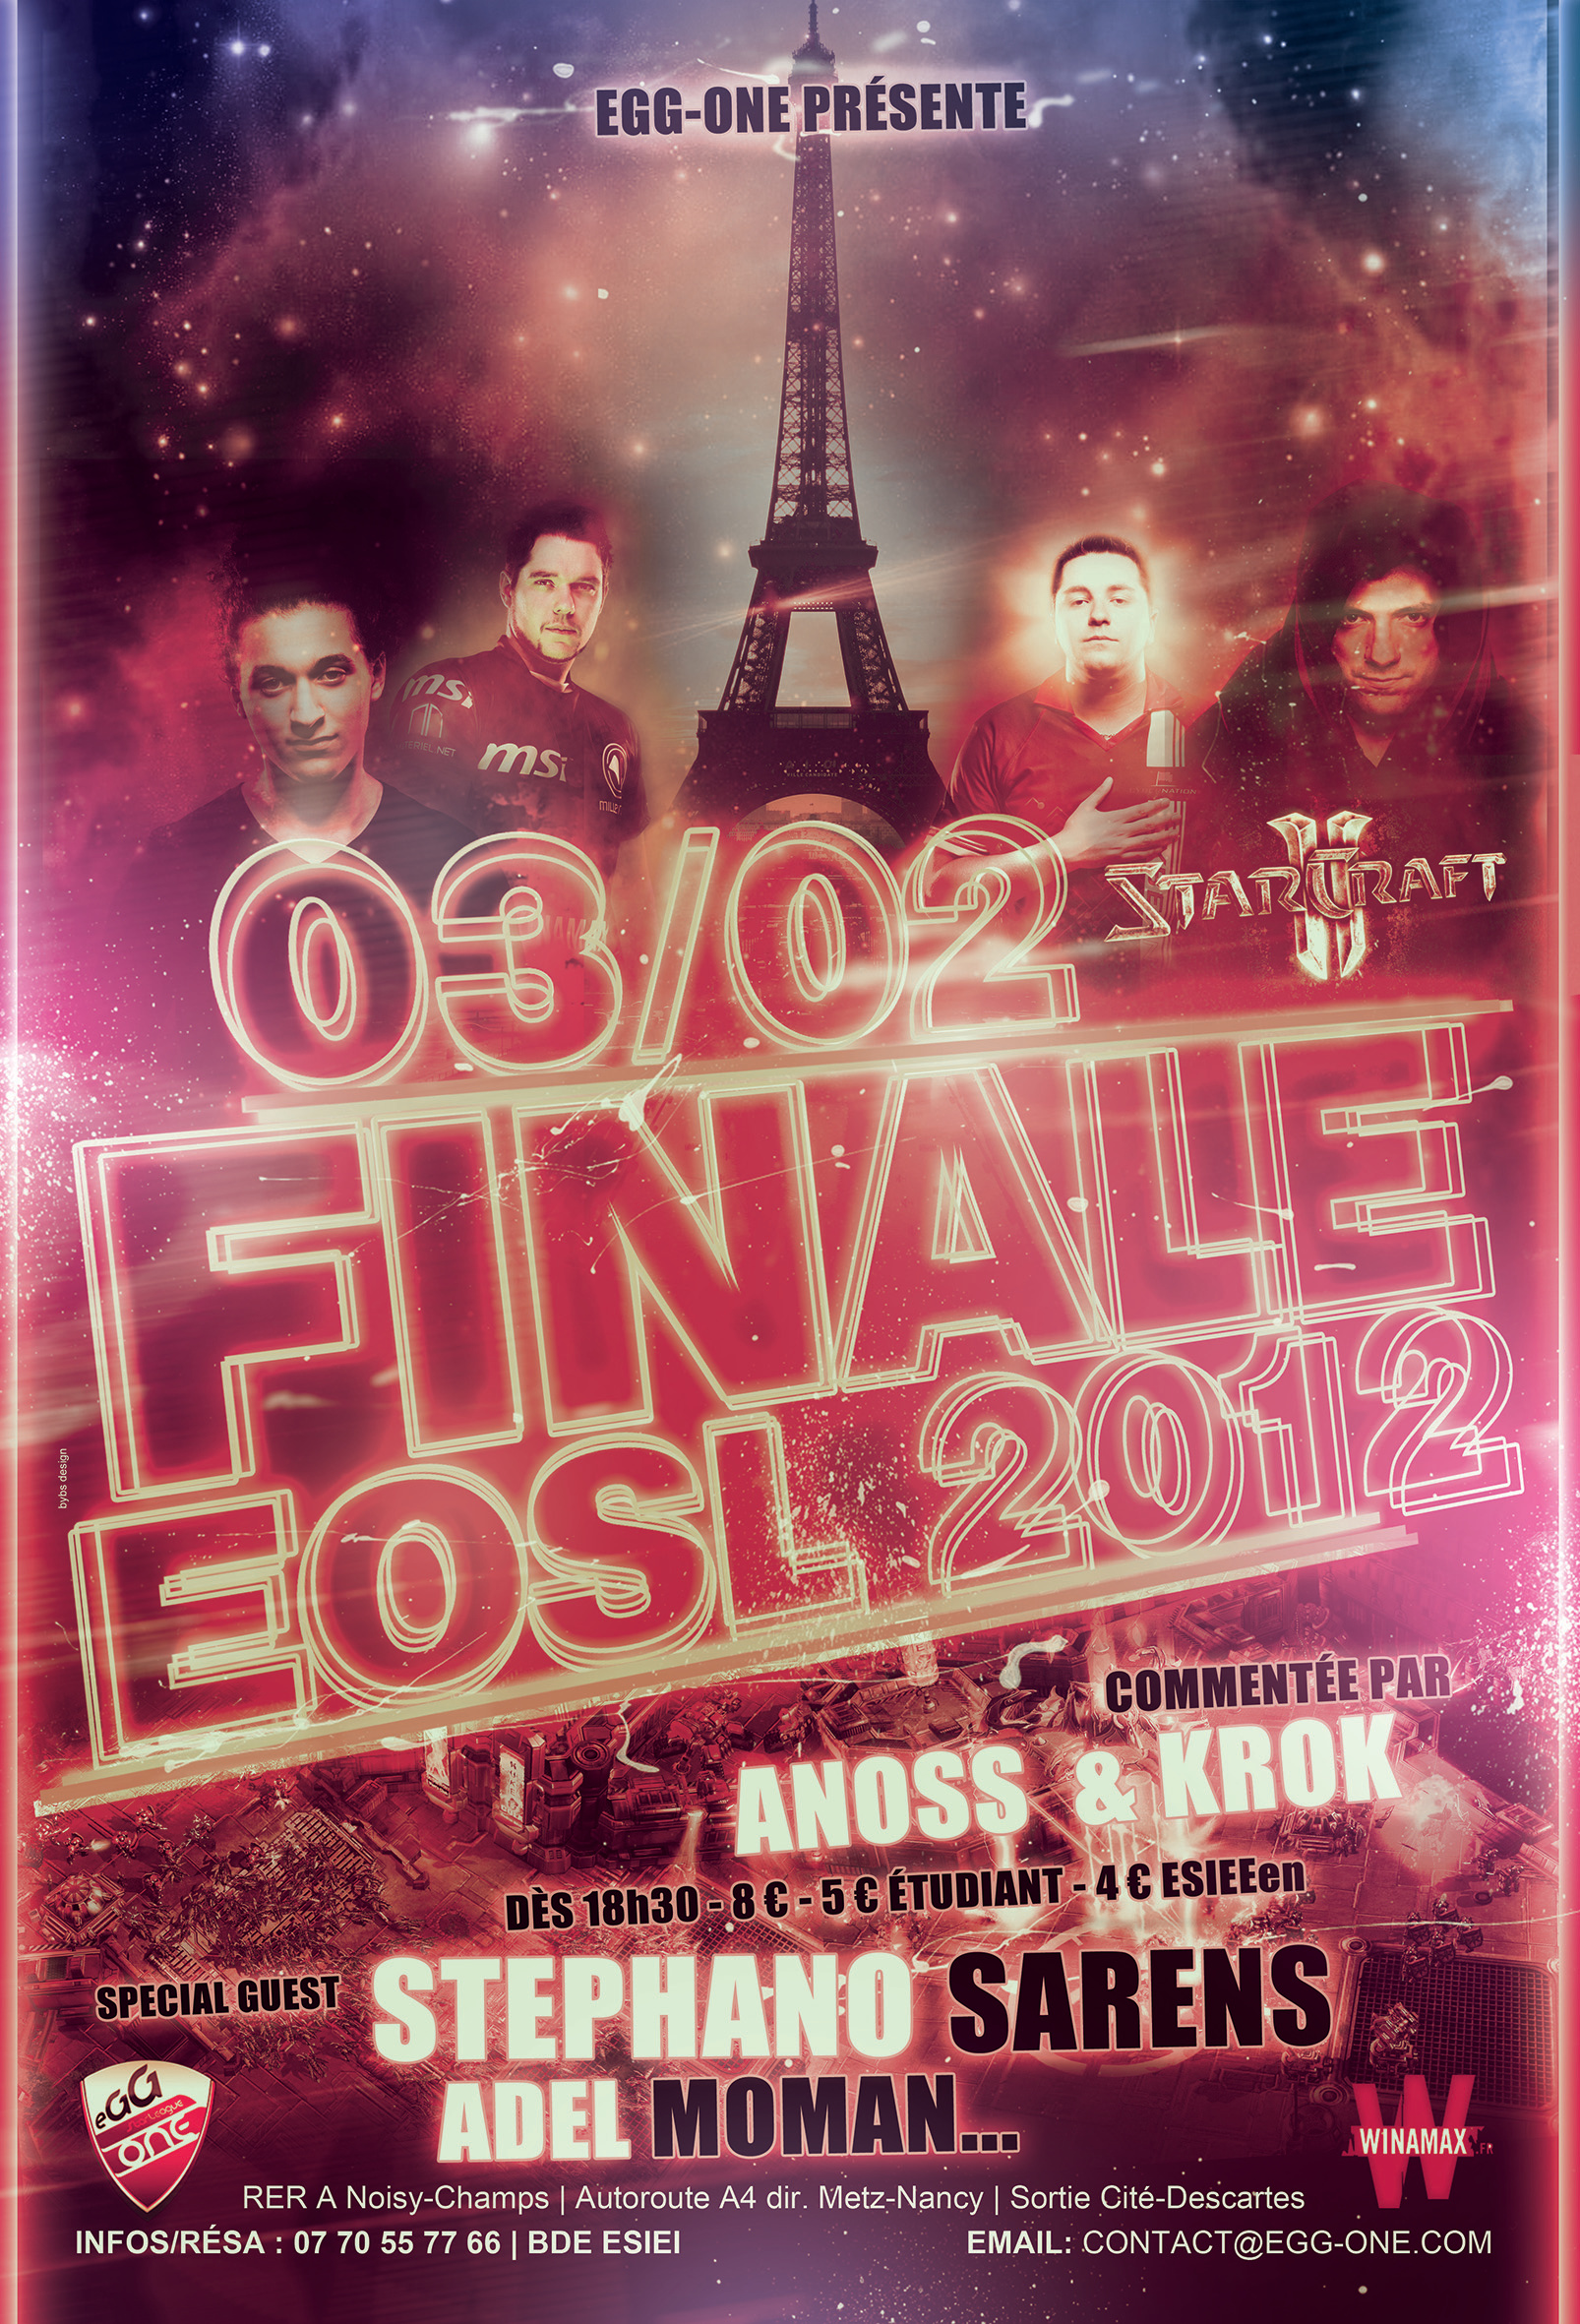 Final EOSL 2012 Paris